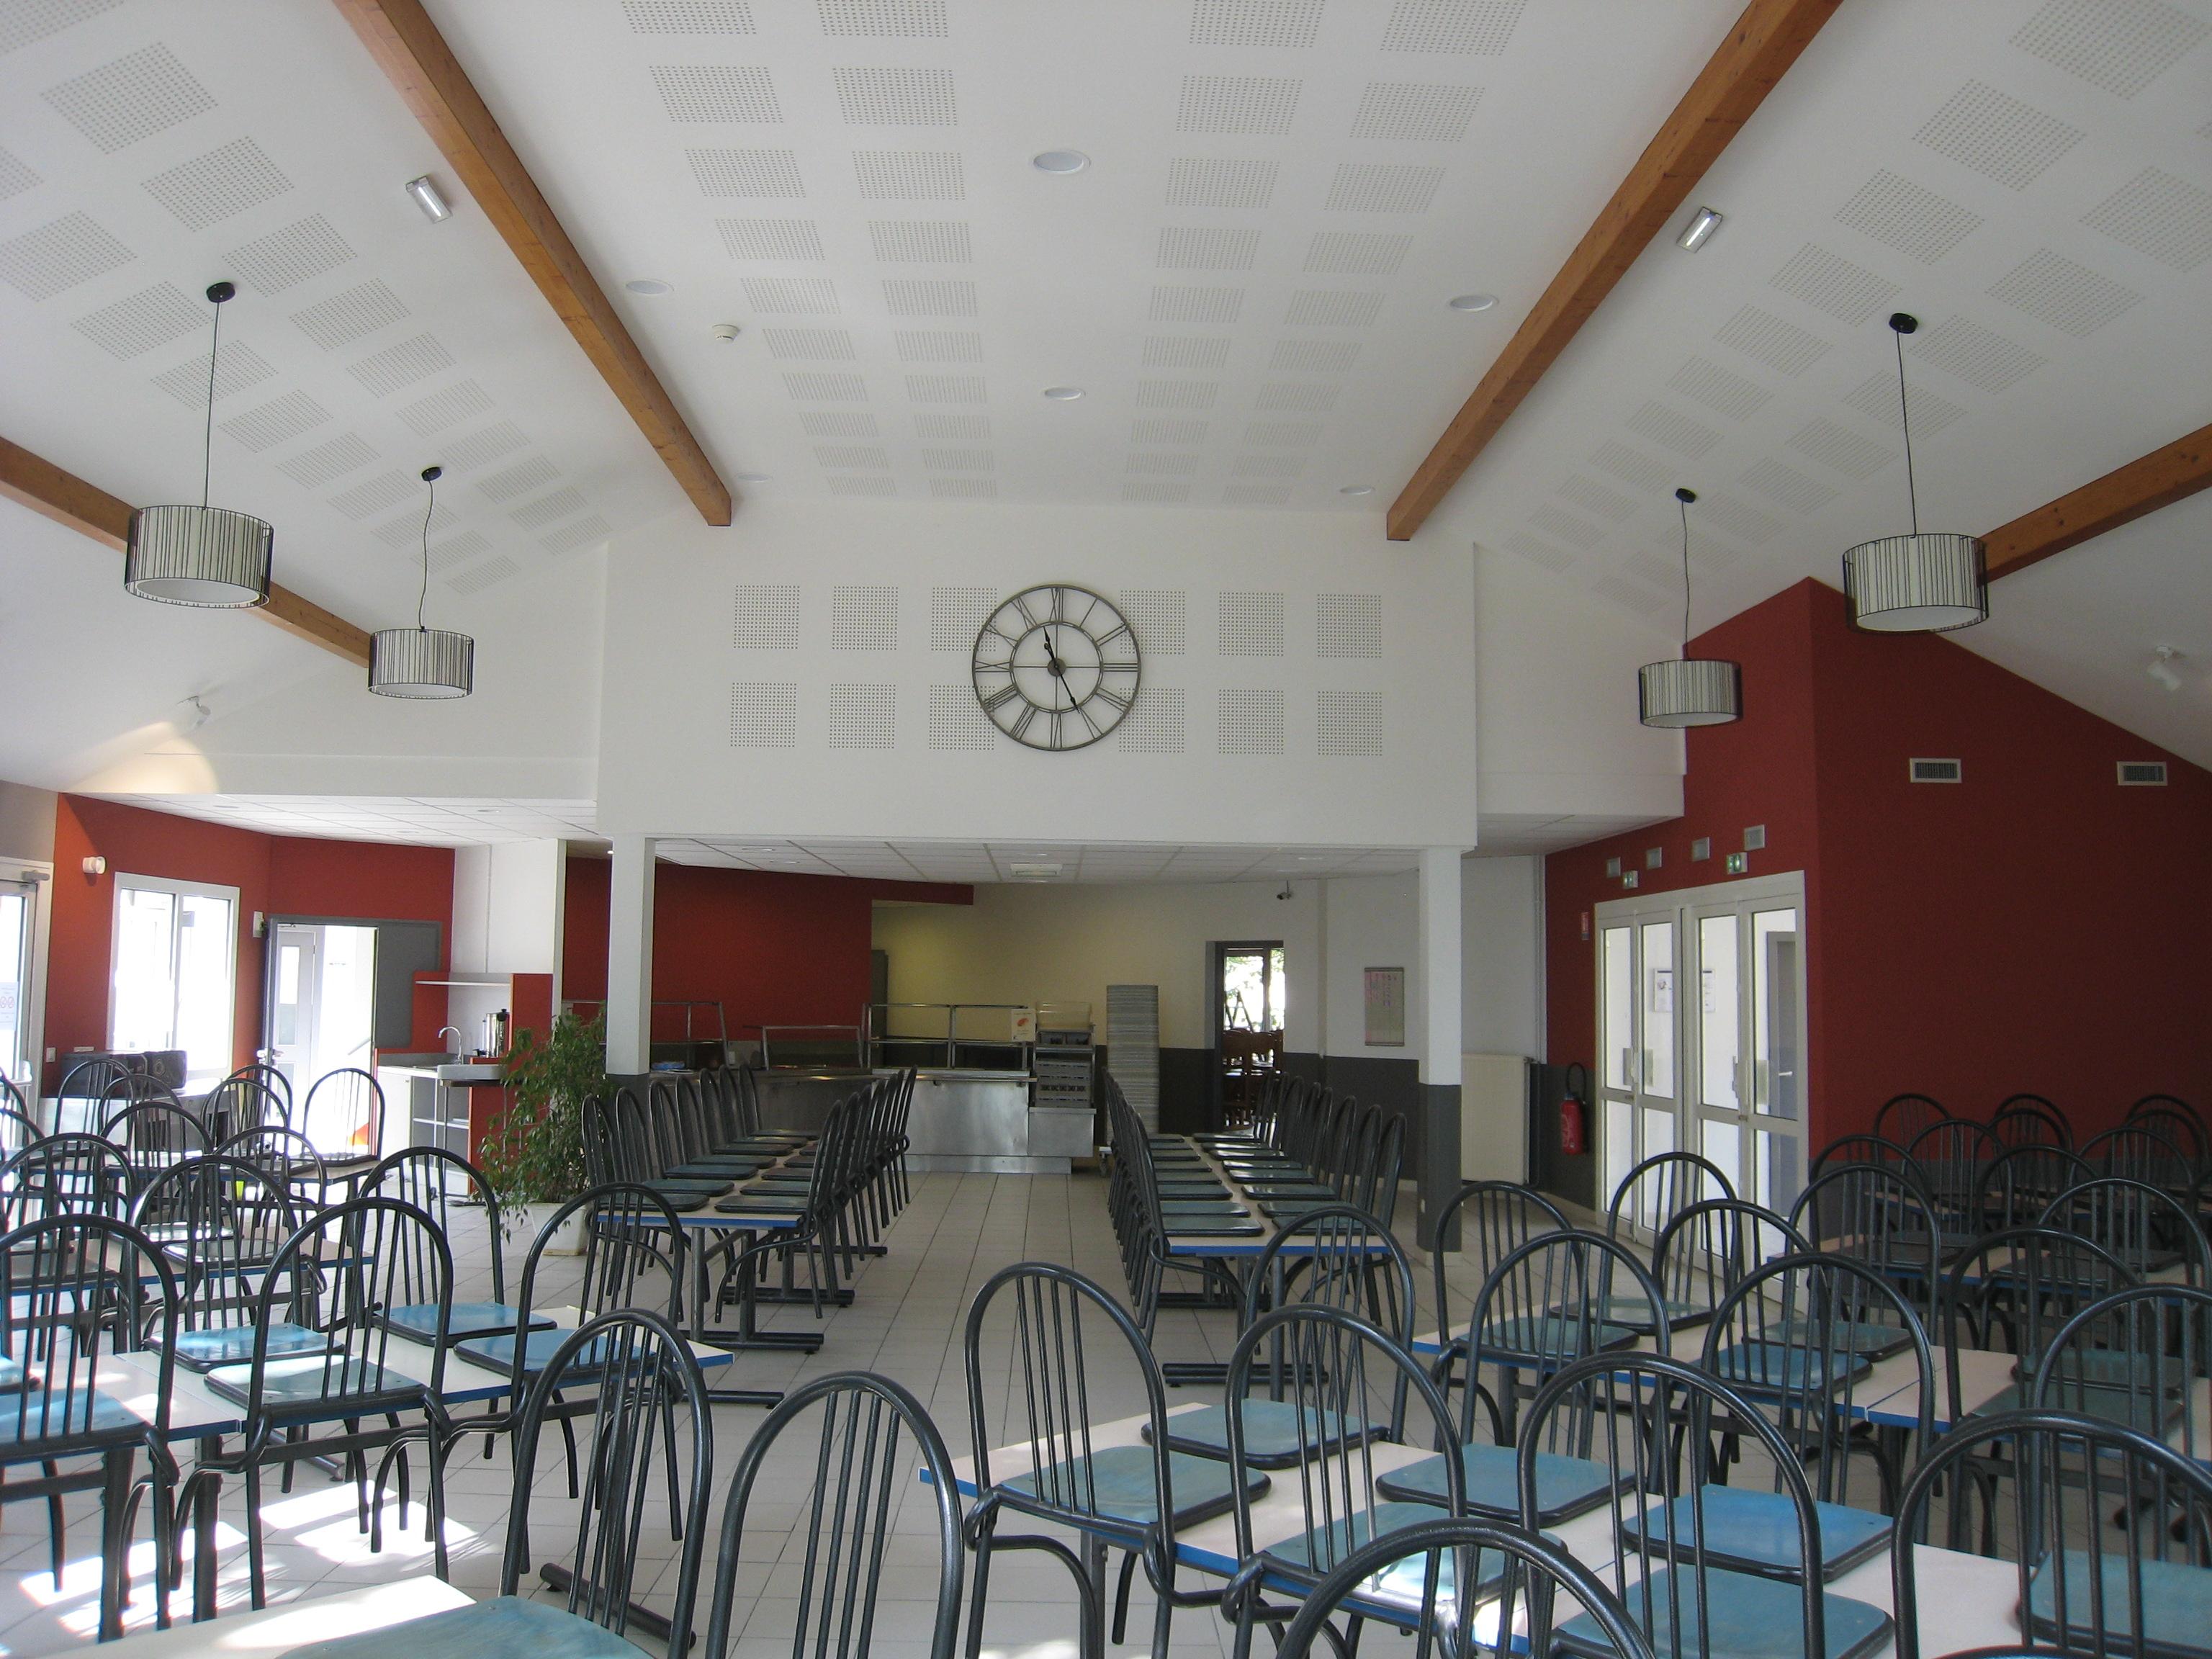 Accueil s minaires entreprises groupes mfr moirans for Equipement salle restaurant